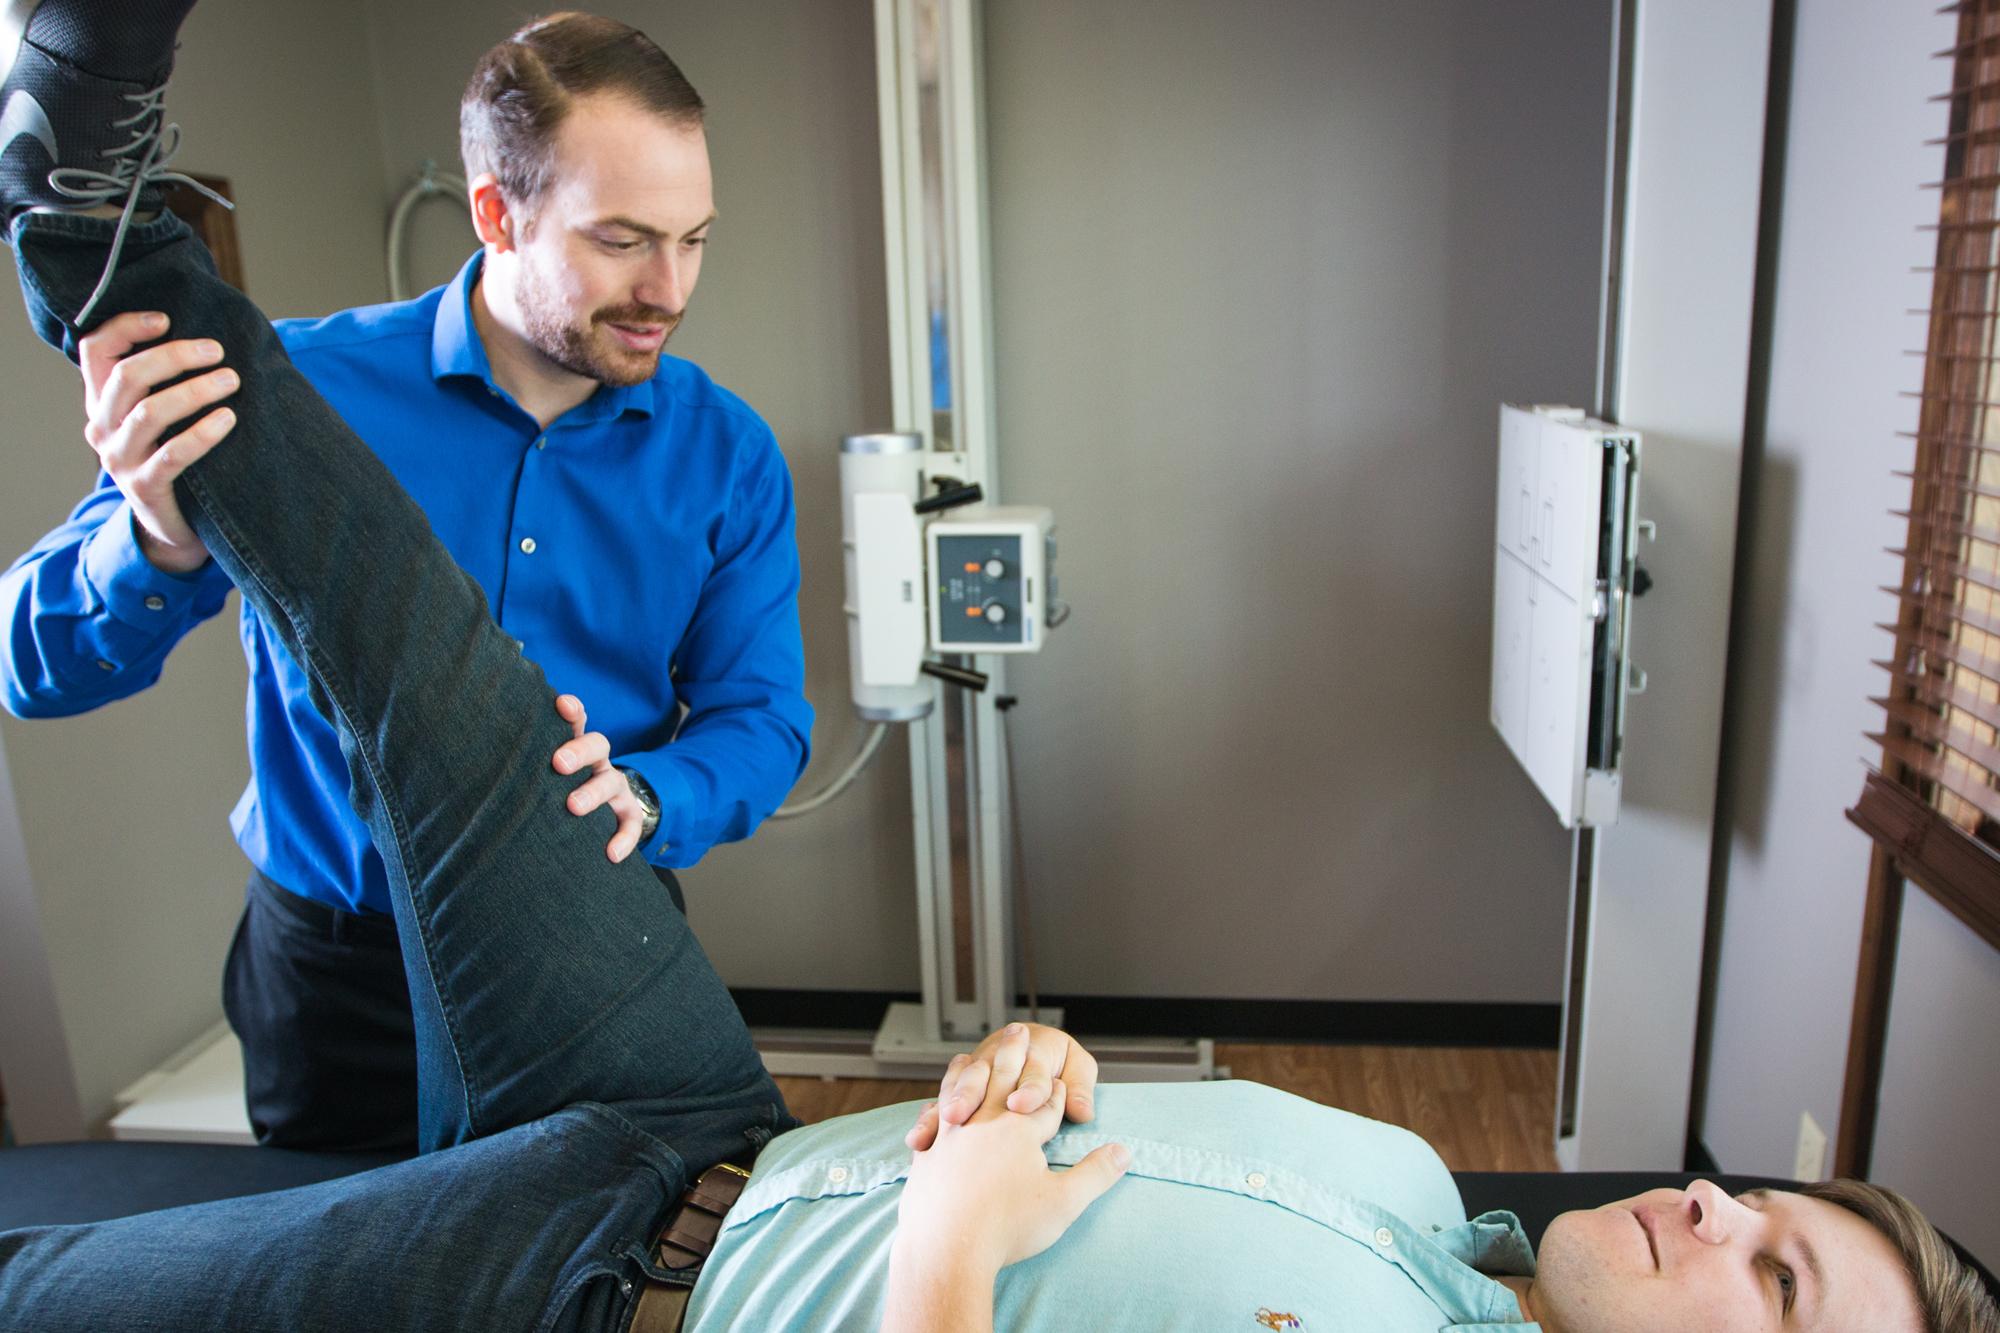 http://phaupchiro.com/wp-content/uploads/2015/12/phaup-chiropractic-adjustment.jpg